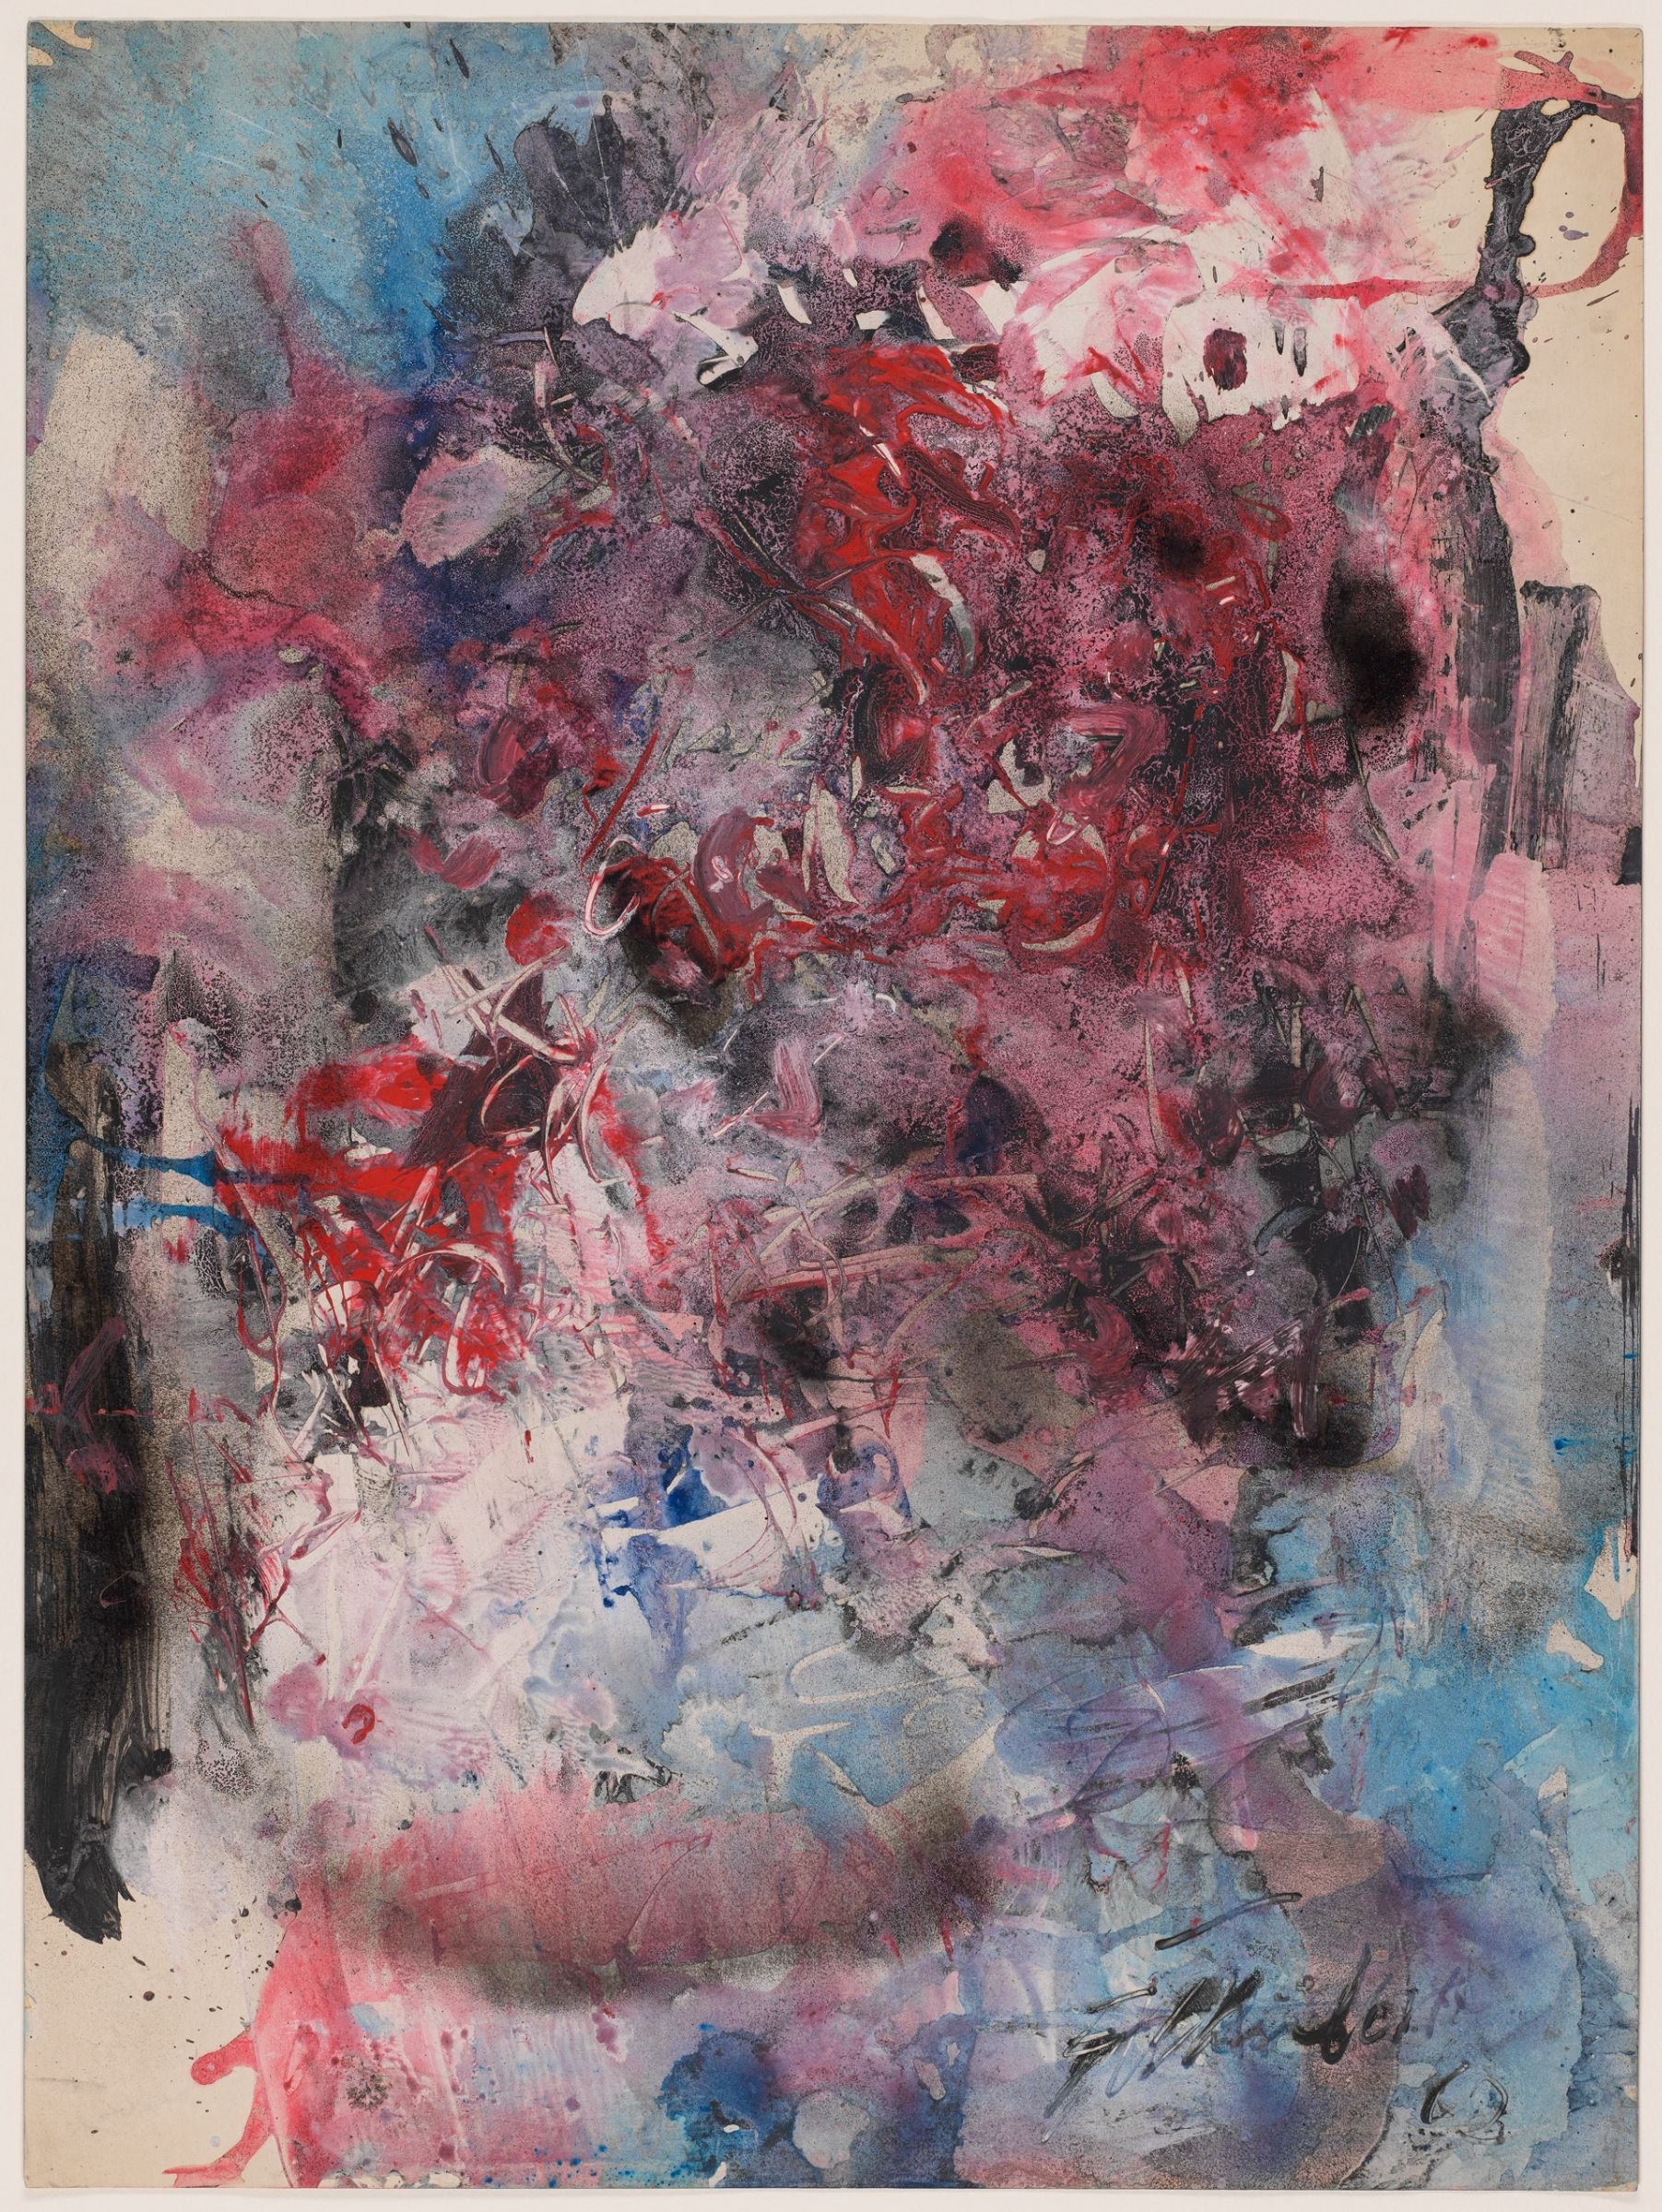 Fred Thieler, 32/H, 1962. Mixed media on paper. Harvard Art Museums/Busch-Reisinger Museum, Gift of the artist through the German Art Dealers Association, 1992.224.